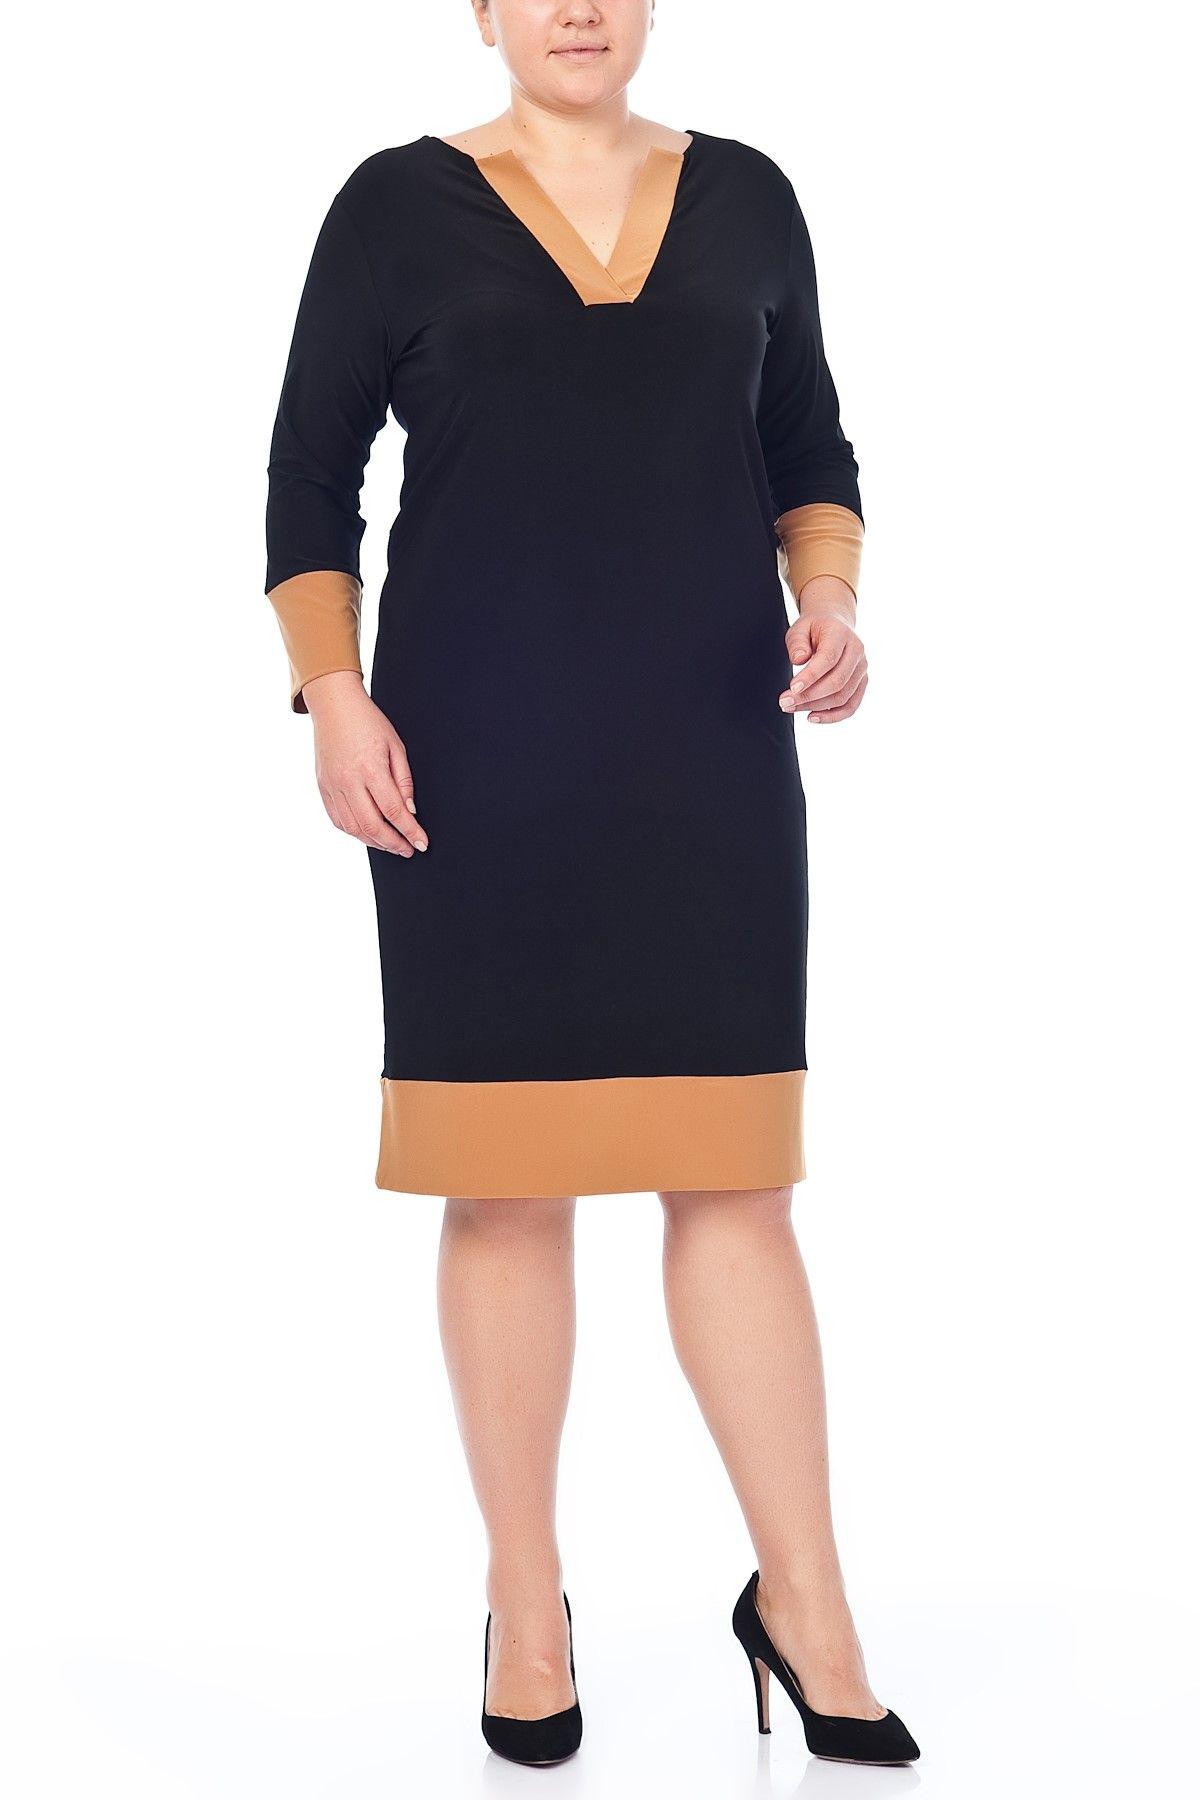 Buyuk Beden Siyah Elbise 65n2020 Siyah Elbise Moda Stilleri Elbise